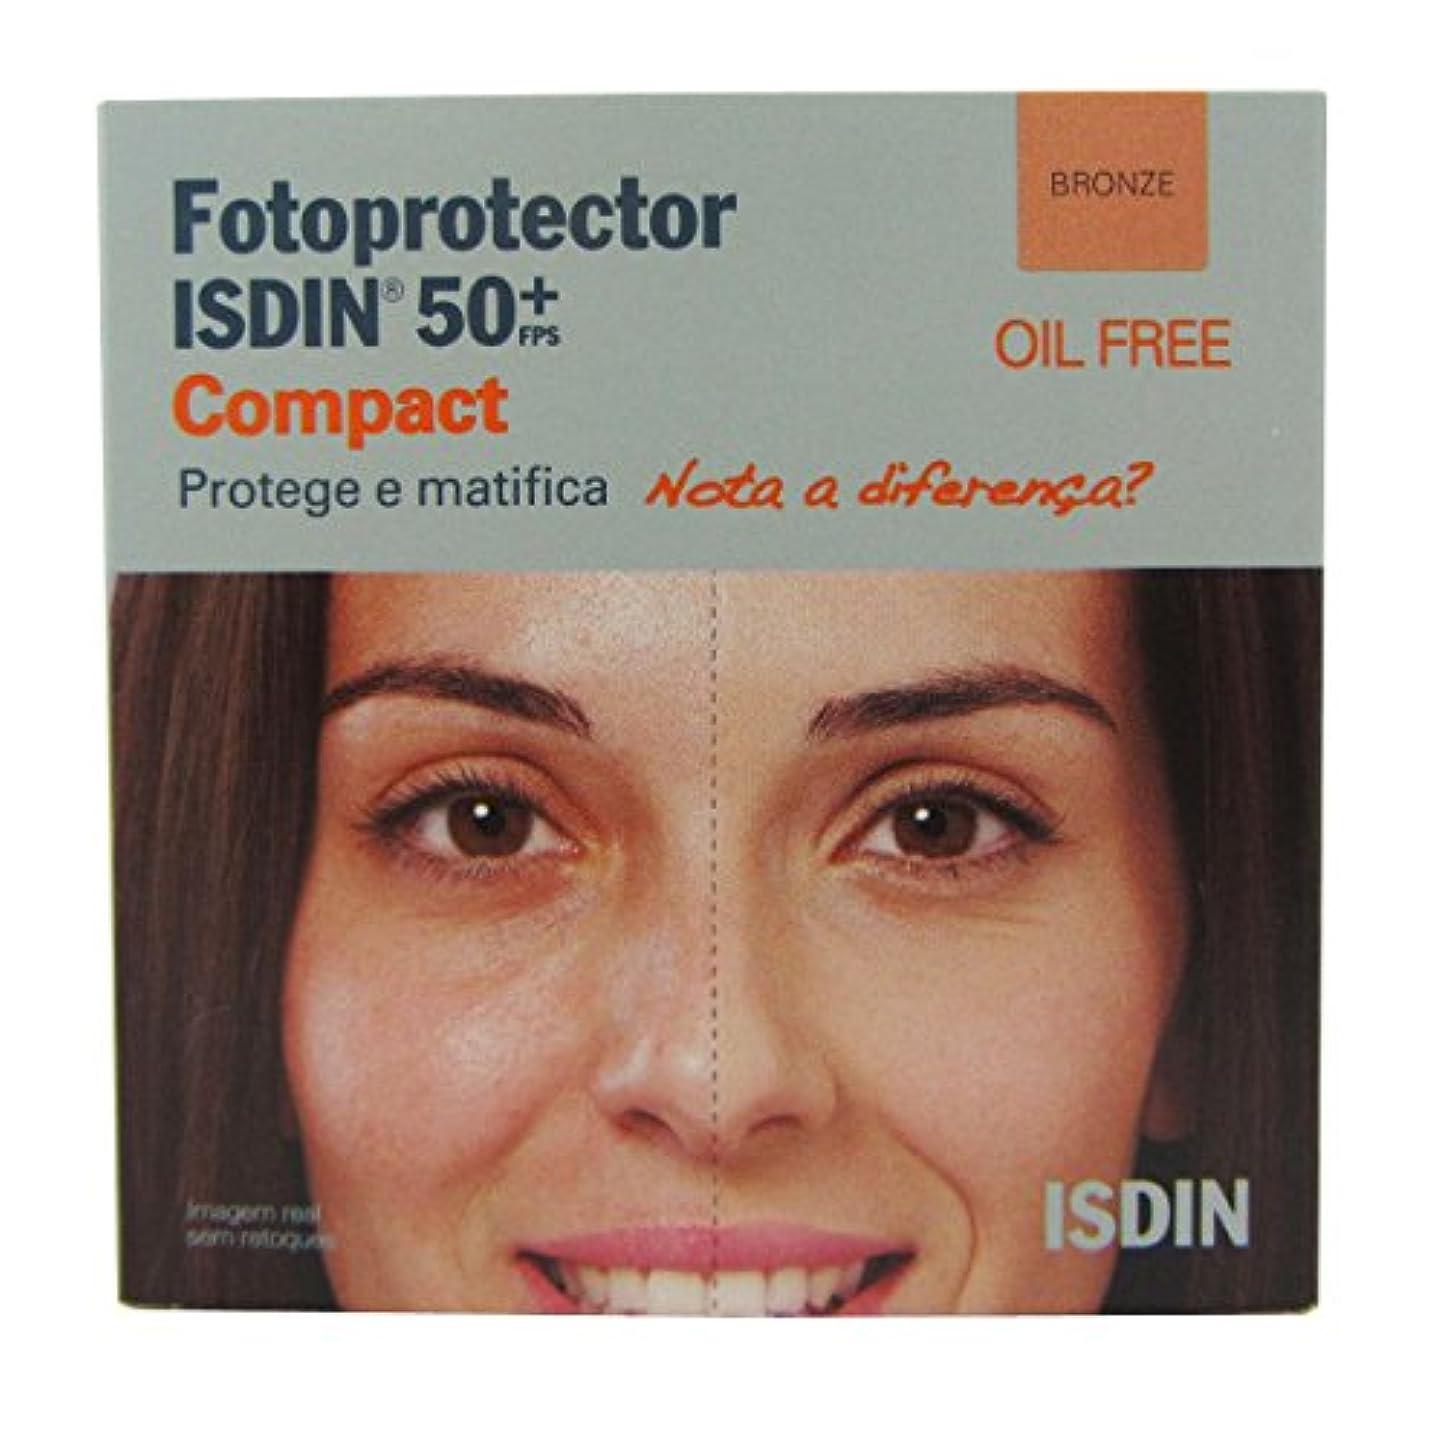 確認する請う拒絶Isdin Photoprotector Compact 50+ Bronz 10g [並行輸入品]